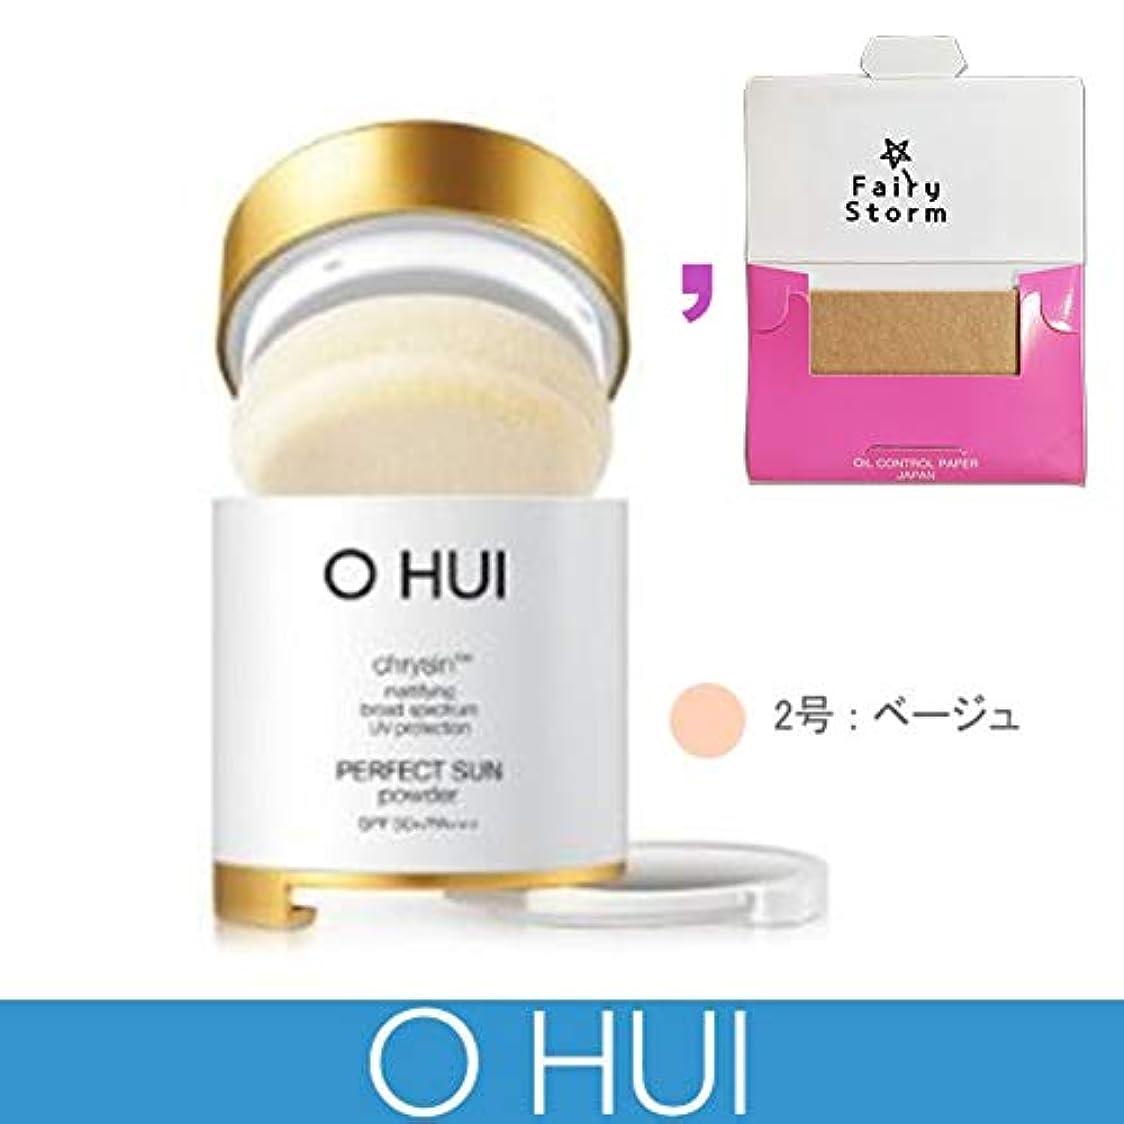 [OHUI/オフィ]パウダー サンブロック EX (SPF50+ PA+++) [Sun] Powder Sunblock EX 2号:ベージュ[HONEST SKIN 海外直送品]